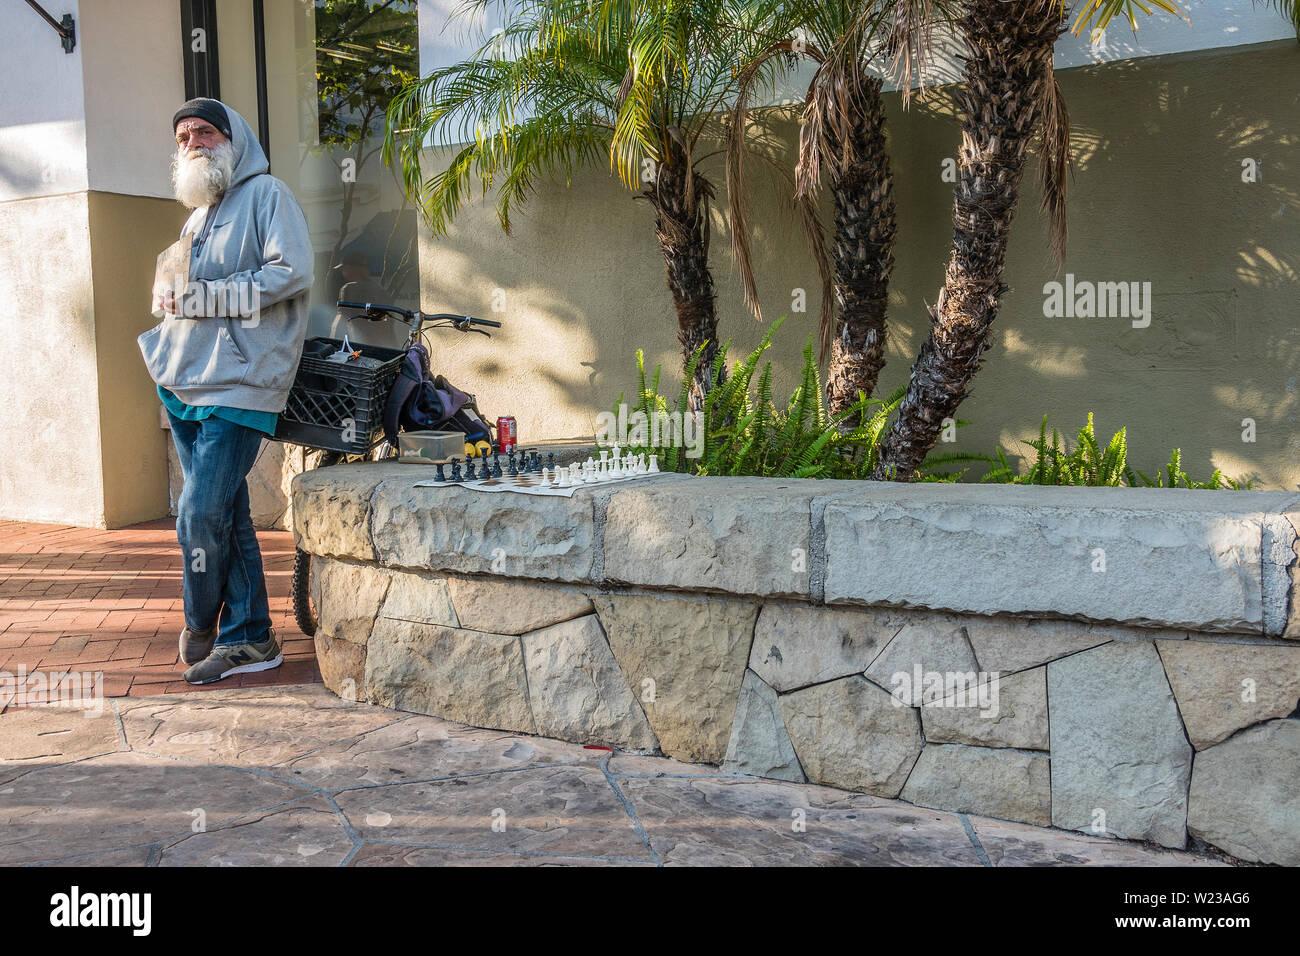 Un vecchio maschio caucasico detiene un segno stimolante passanti per un gioco di scacchi. Egli ha la sua scacchiera impostare pronto per la riproduzione su un basso muro di pietra accanto a Foto Stock